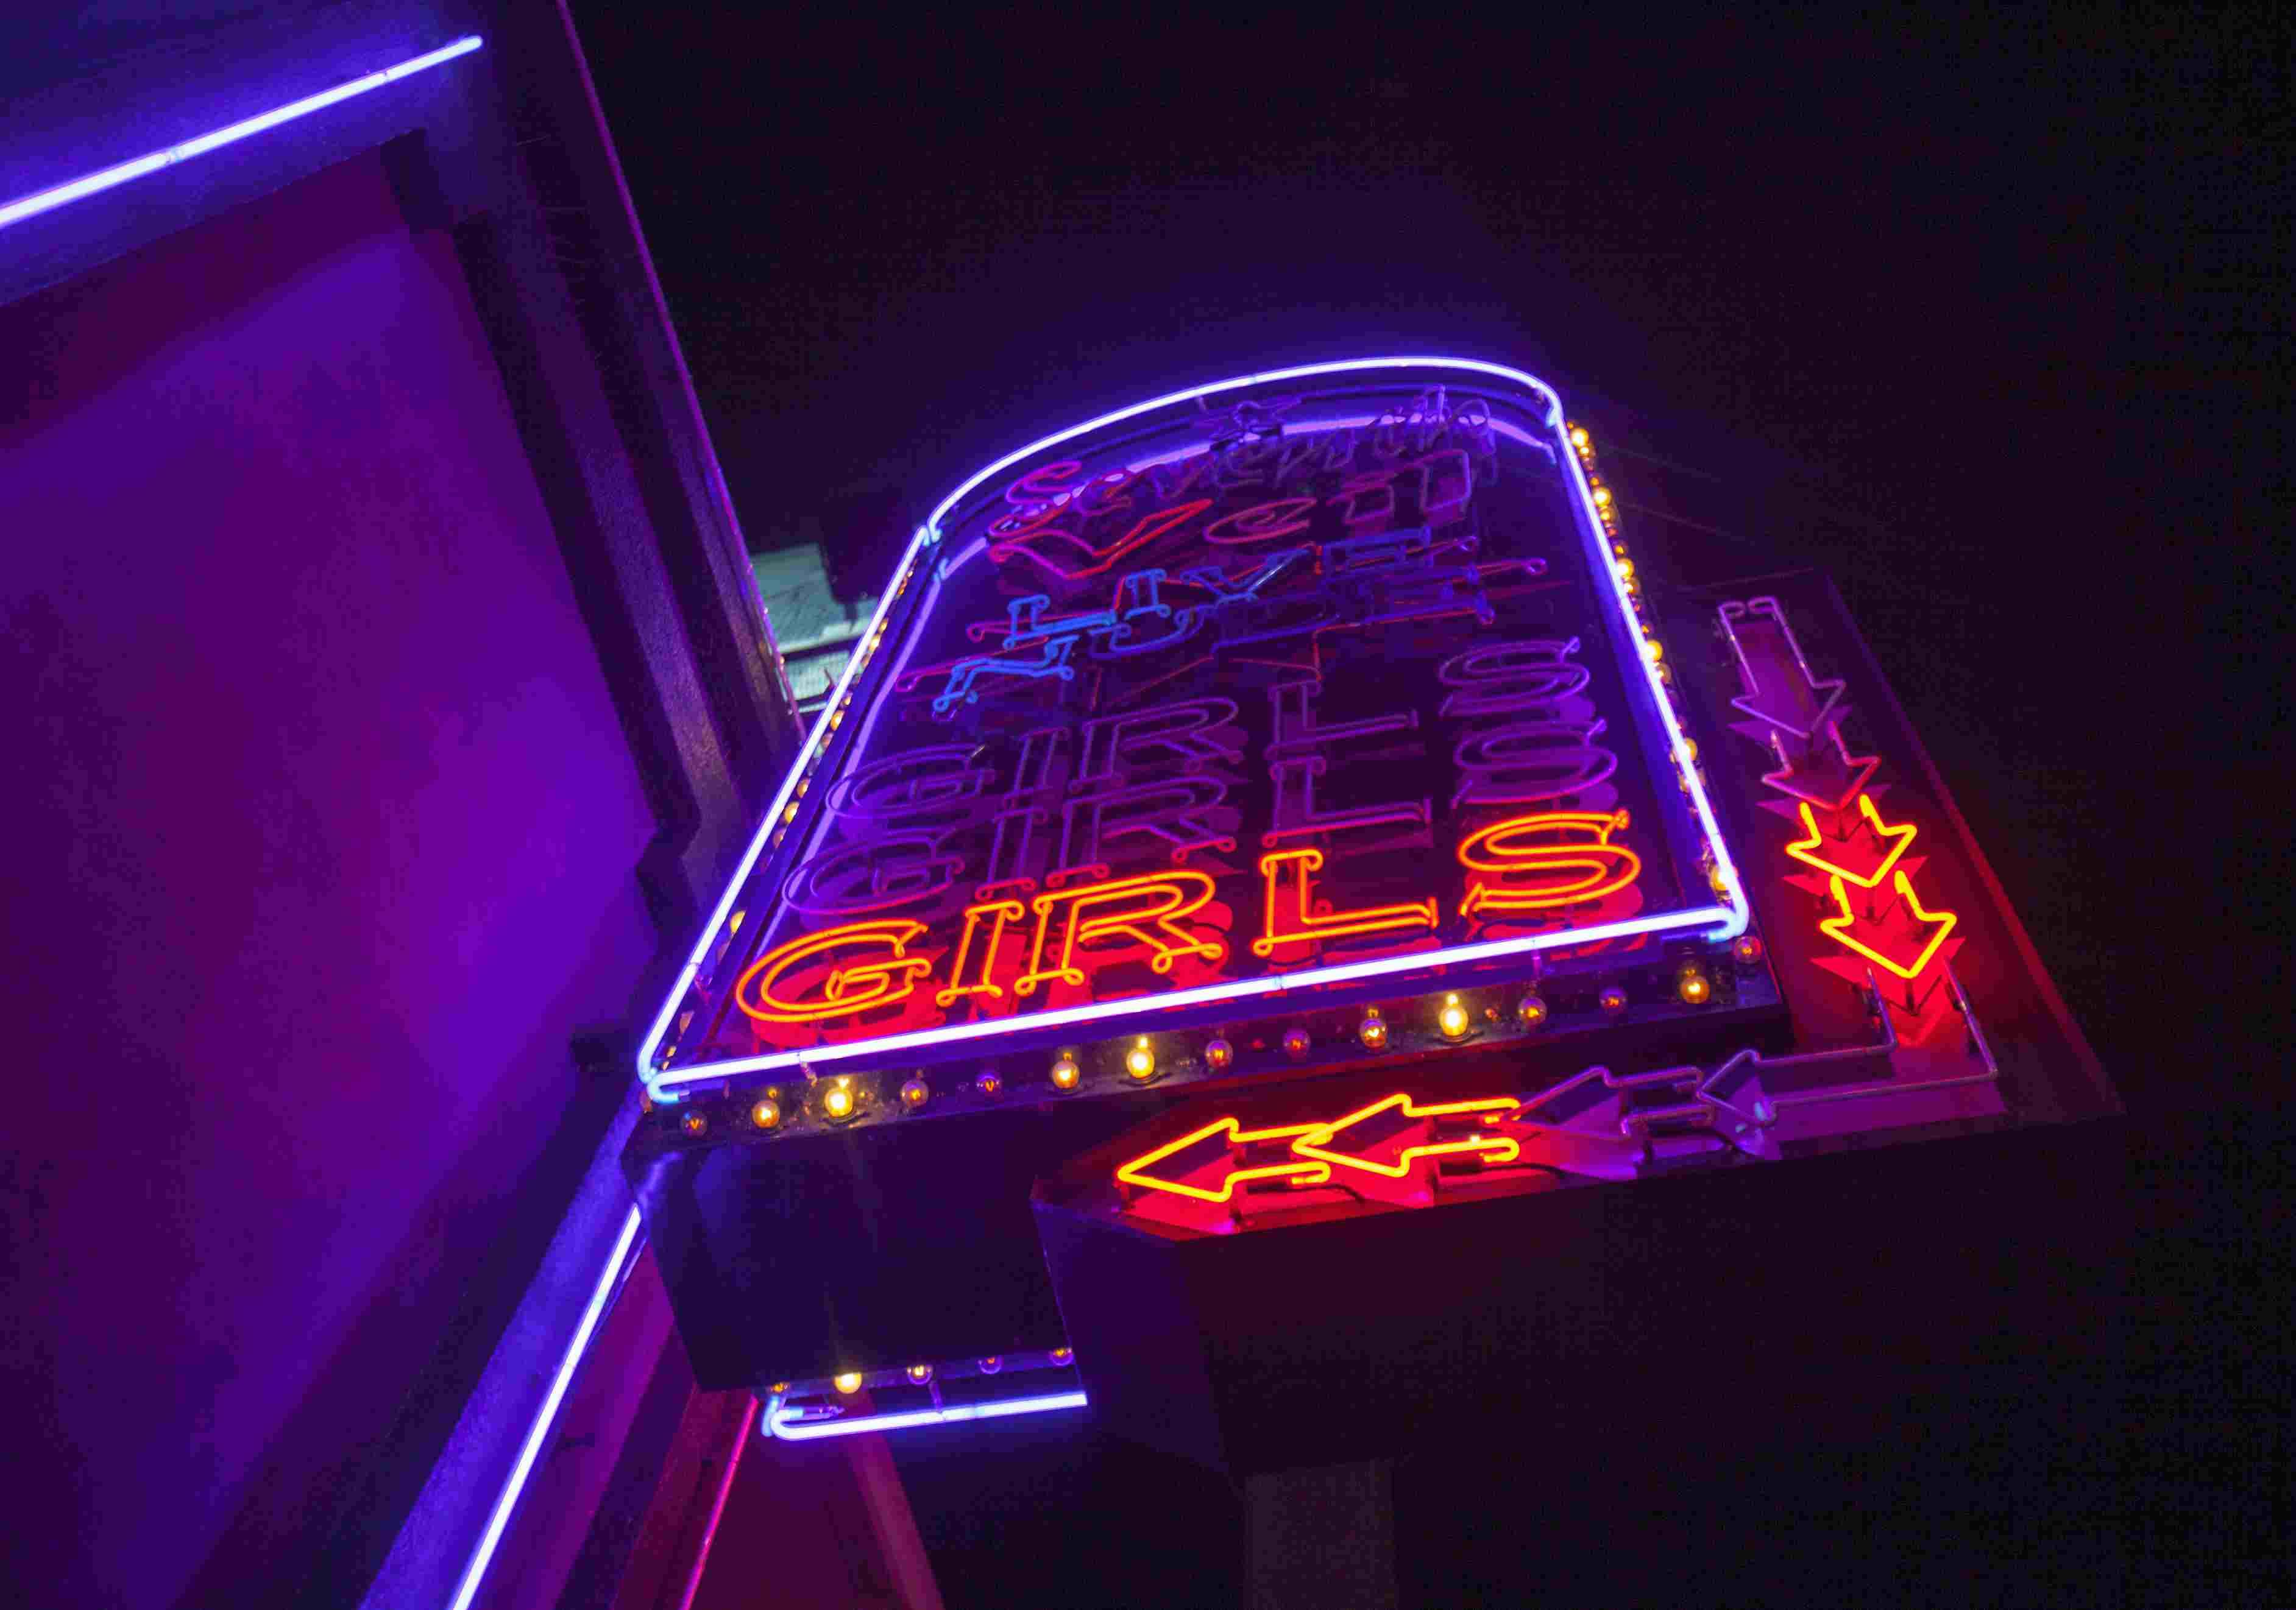 Стриптиз клубы в лос анджелесе клубы москвы с сексом и стриптизом